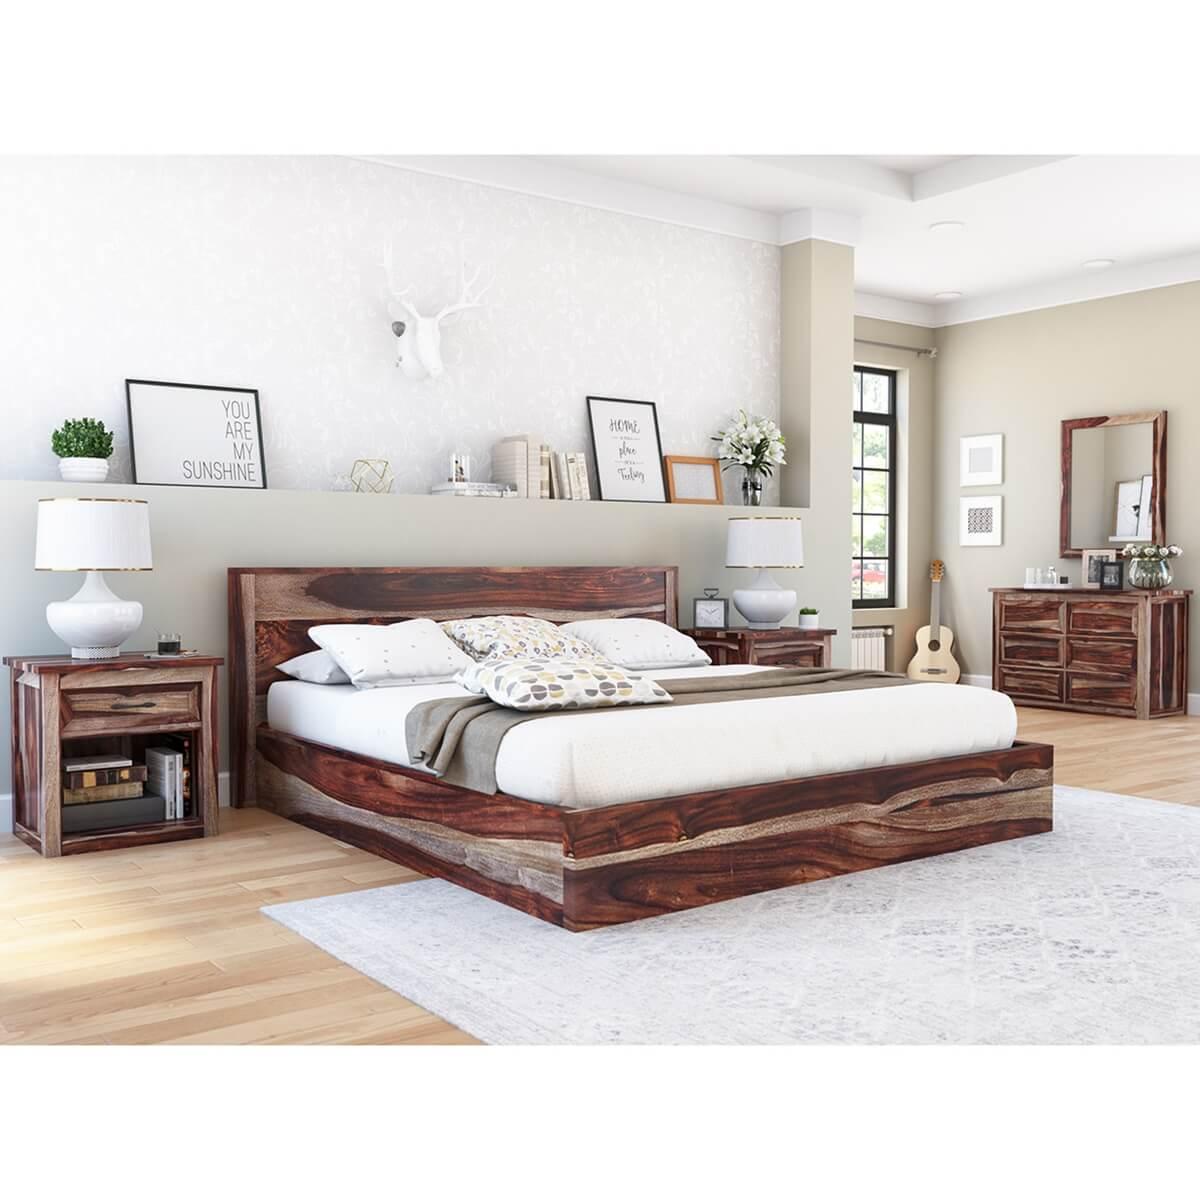 jamaica 5 piece bedroom set